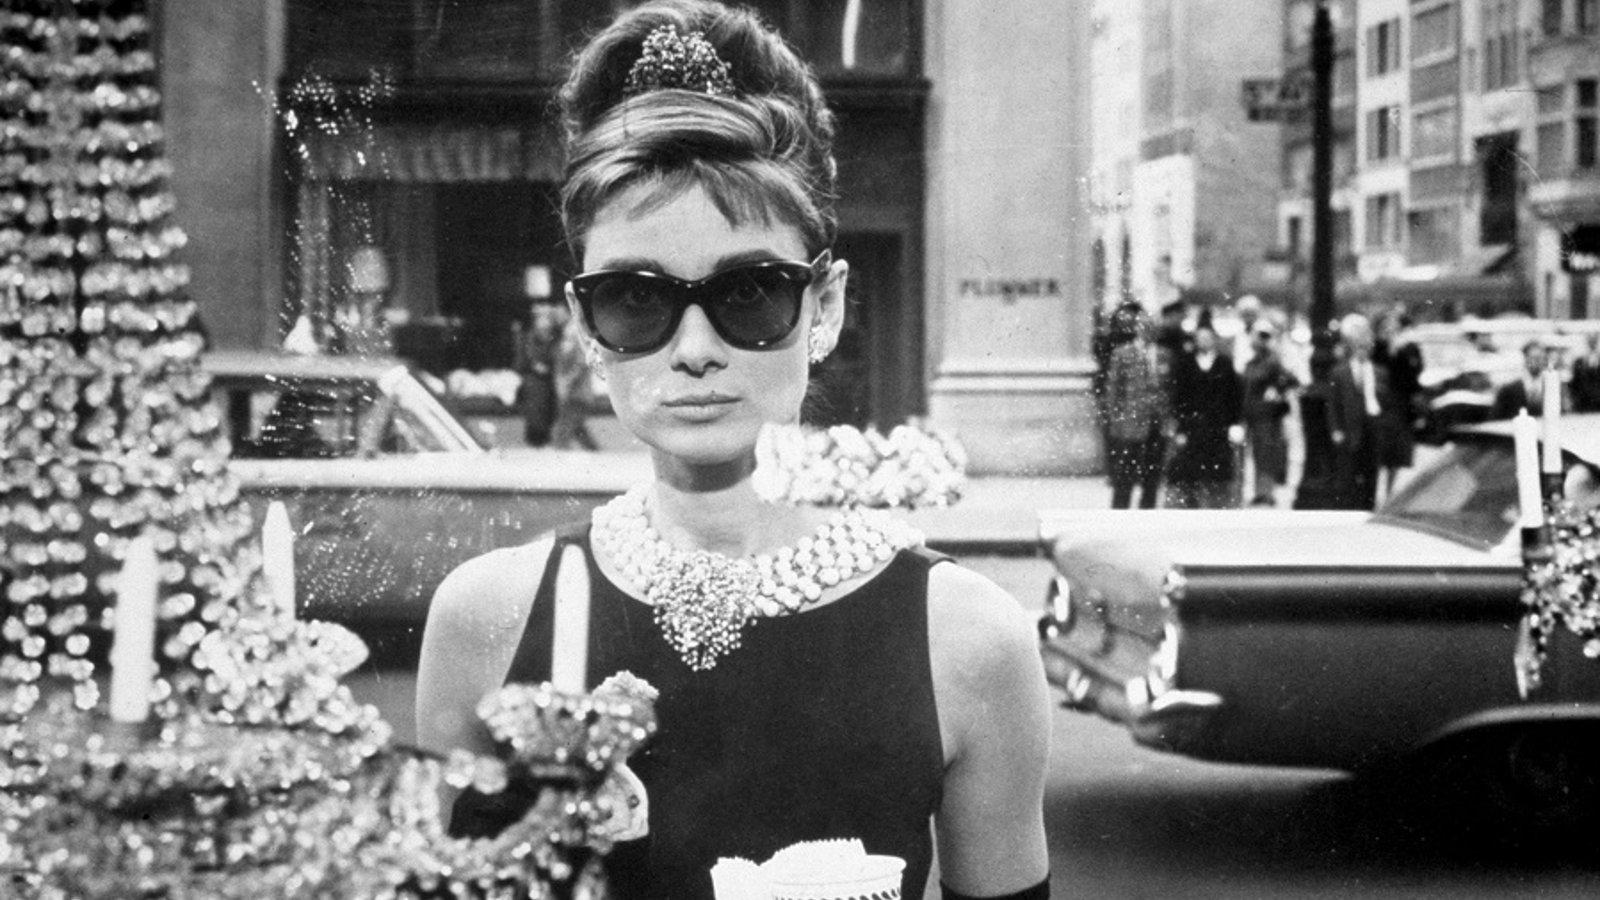 Discovering Audrey Hepburn